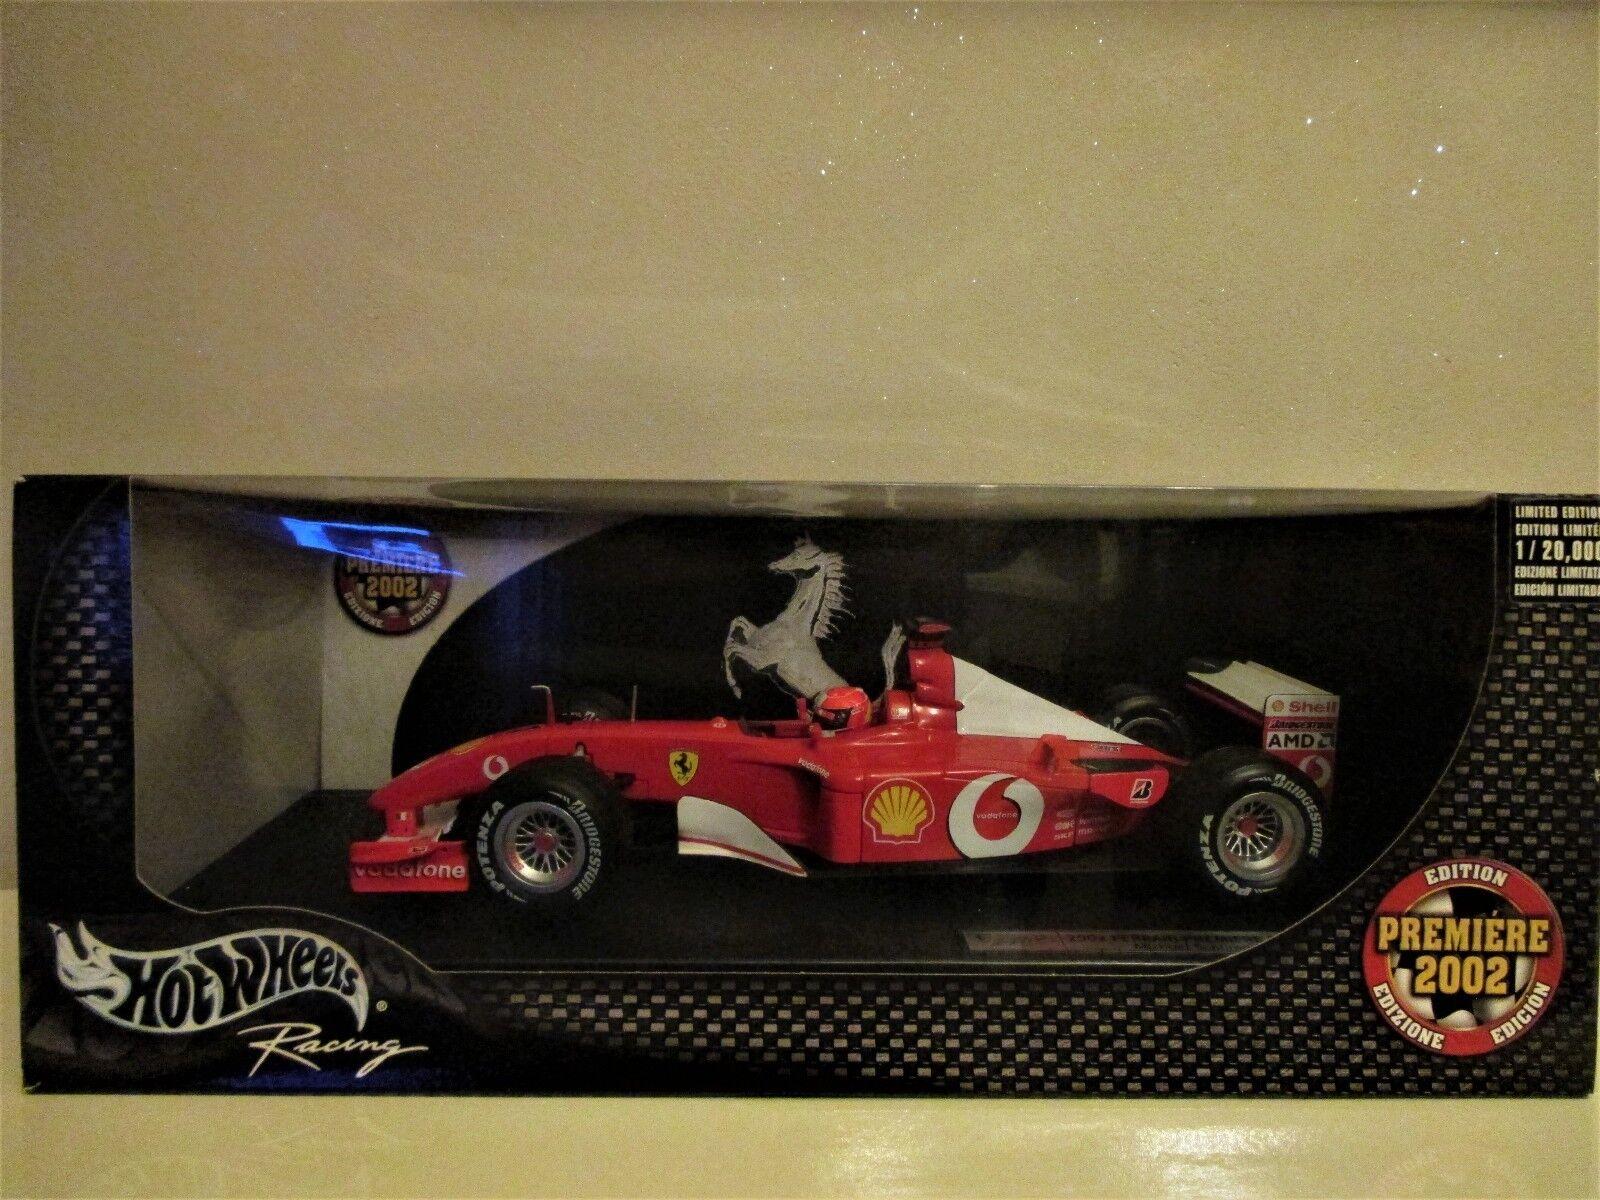 F1 F1 F1 FERRARI SCHUMACHER F1 F2002 1st EDITION 1 18 NEUVE MATTEL  n°1 20000 7763d2